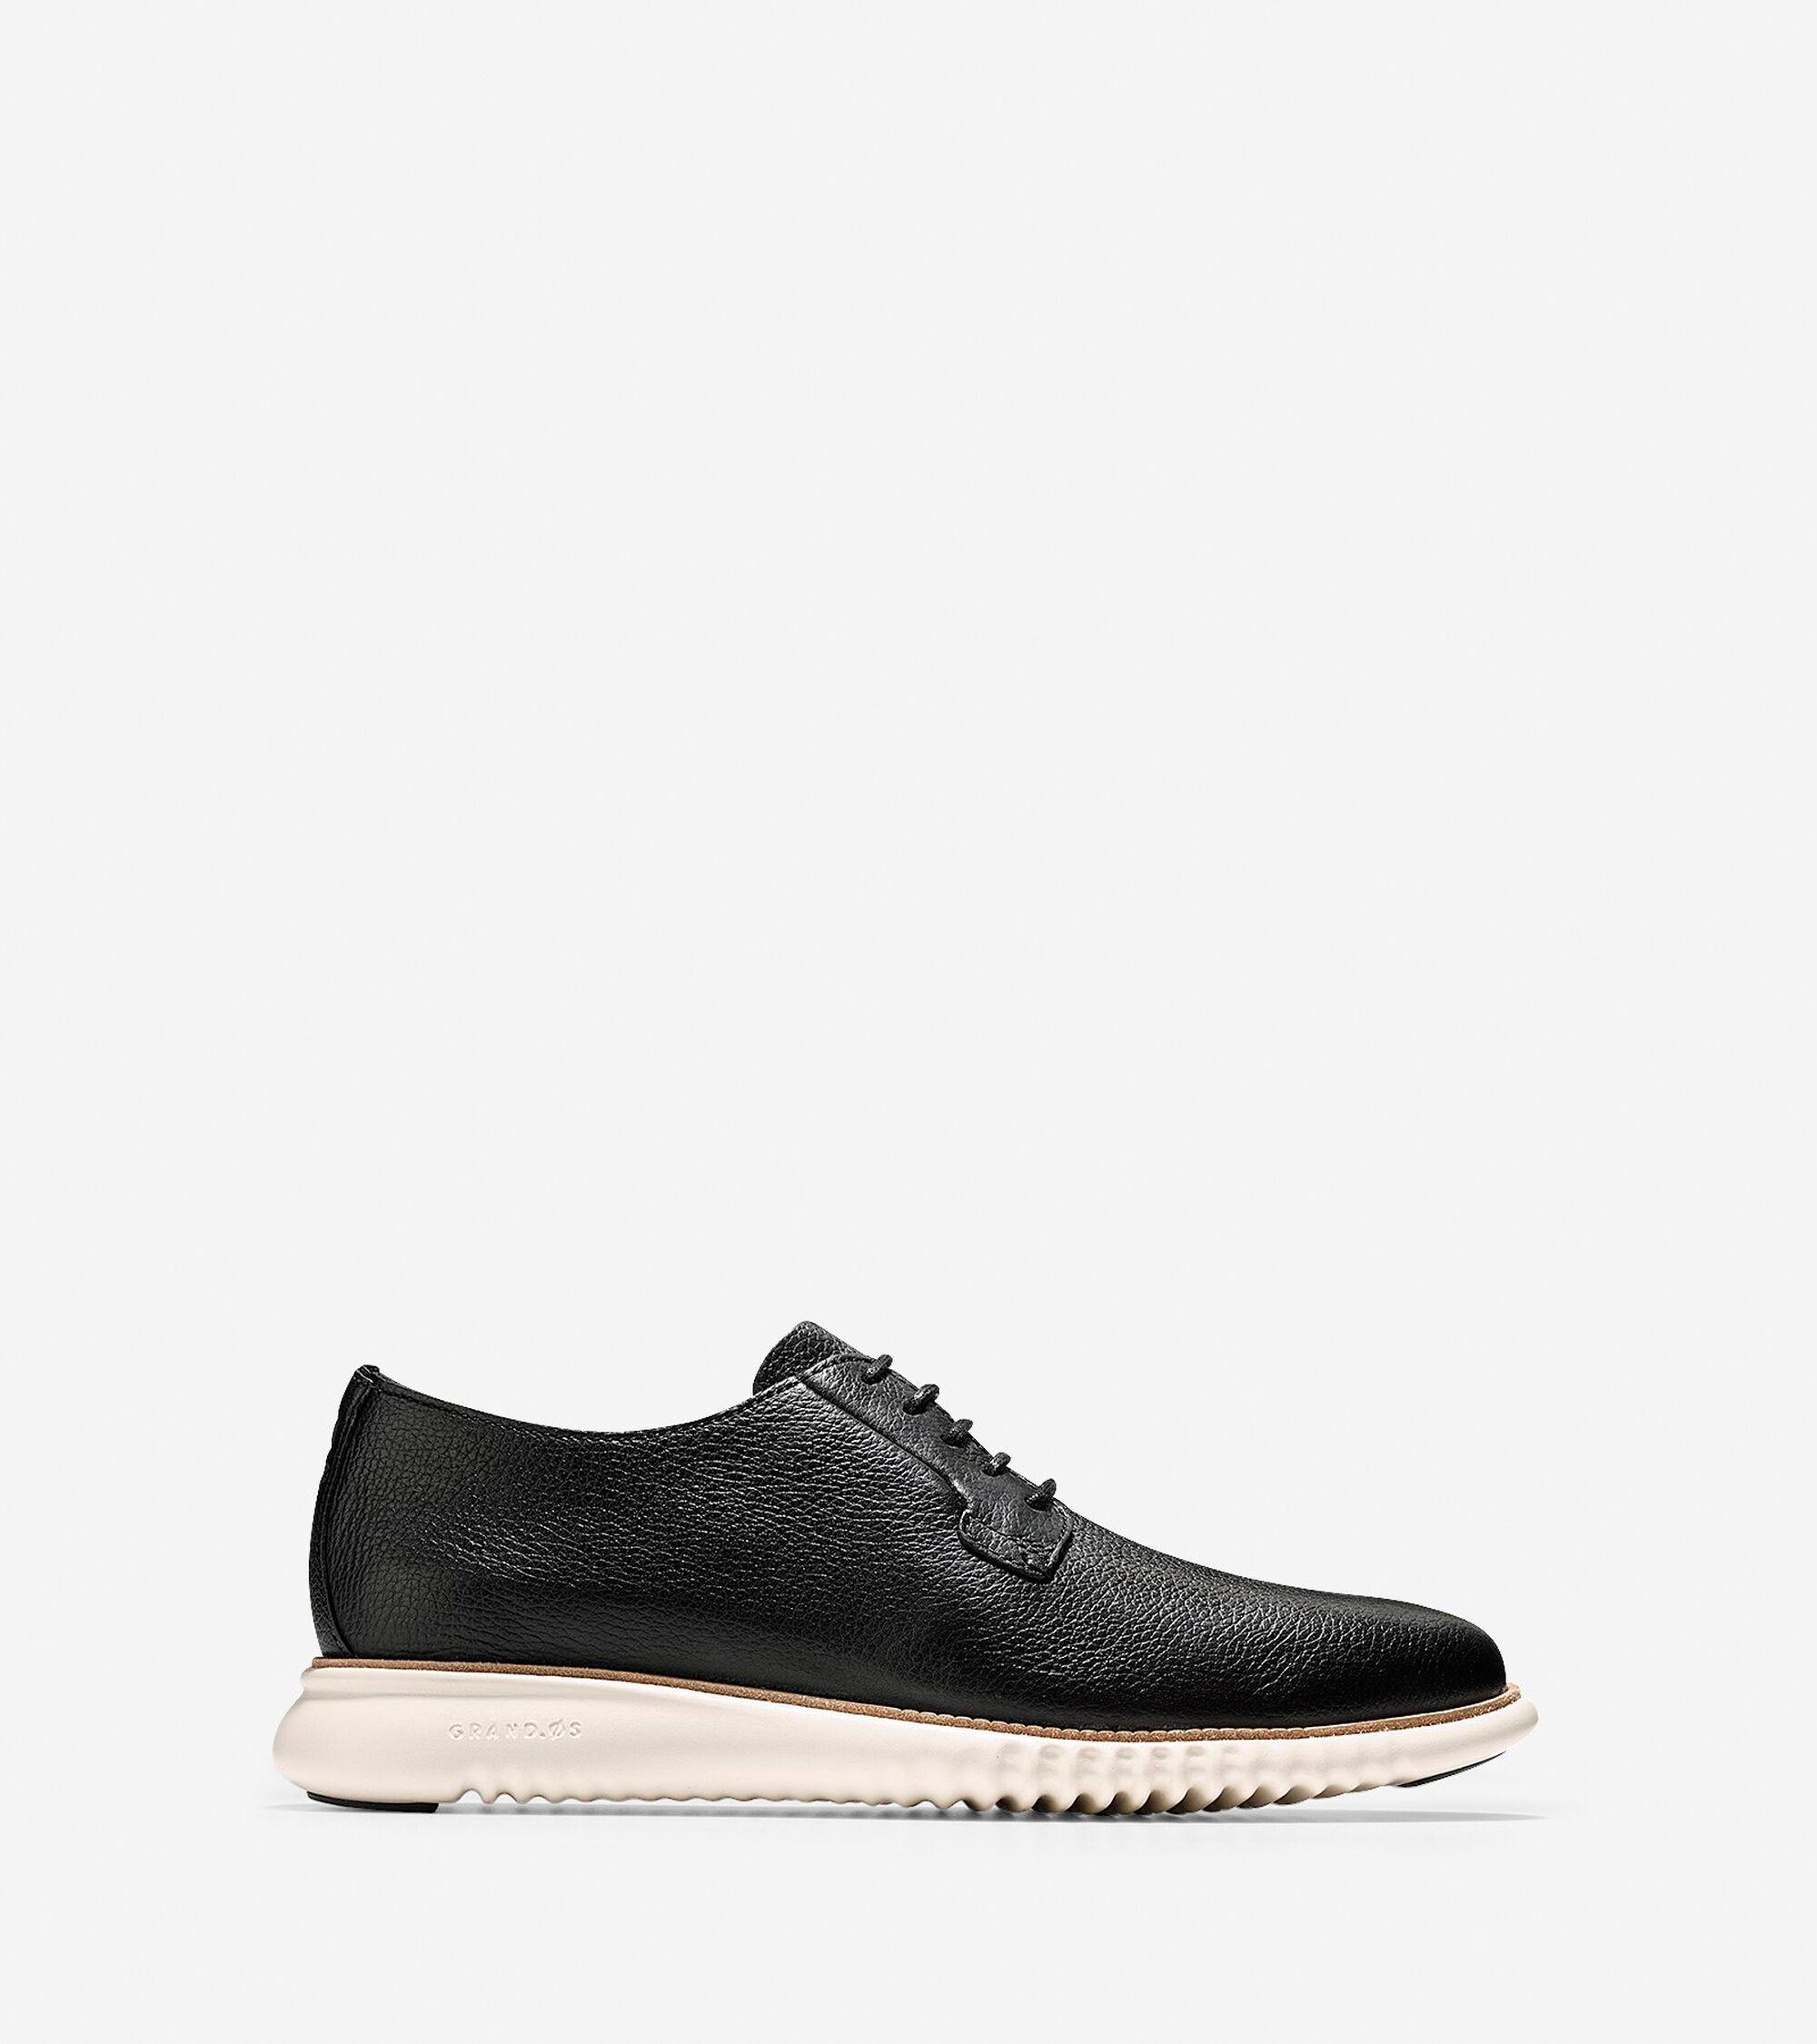 Cole Haan Men's 2.ZEROGRAND Plain Toe Oxford Shoes